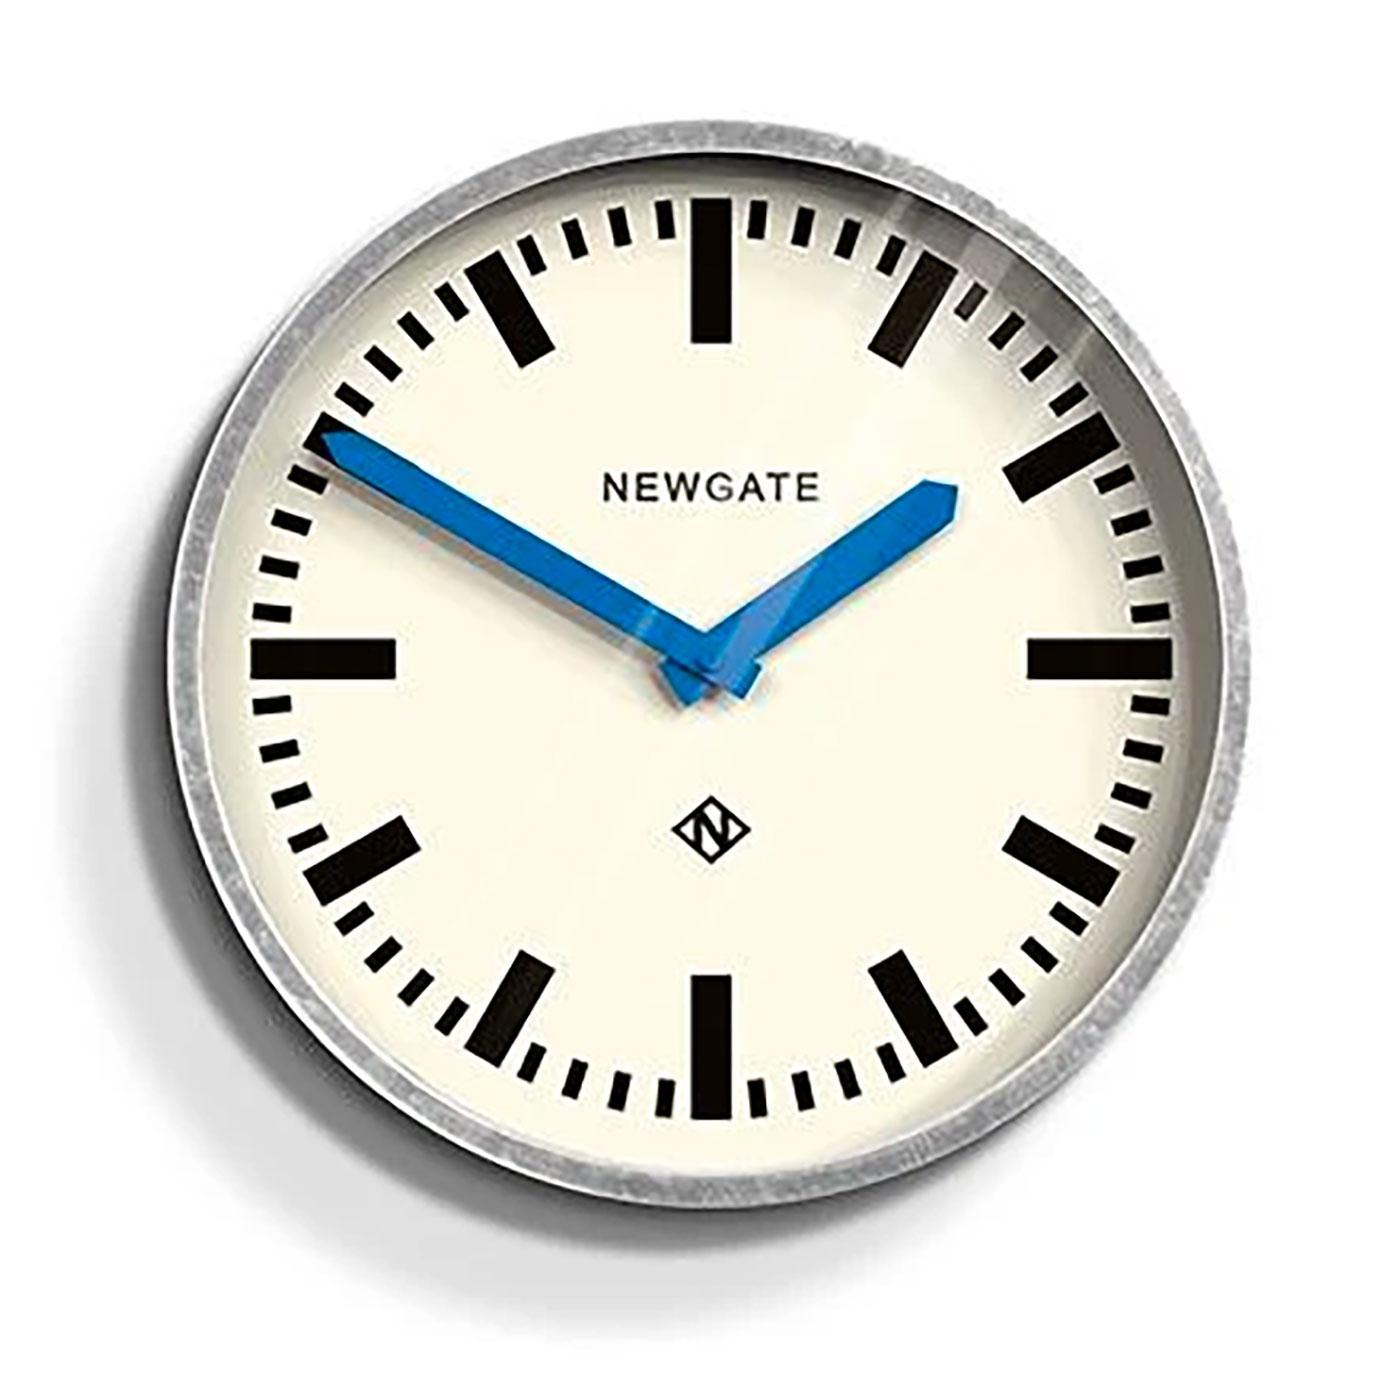 Luggage NEWGATE Retro Classic Wall Clock in Silver